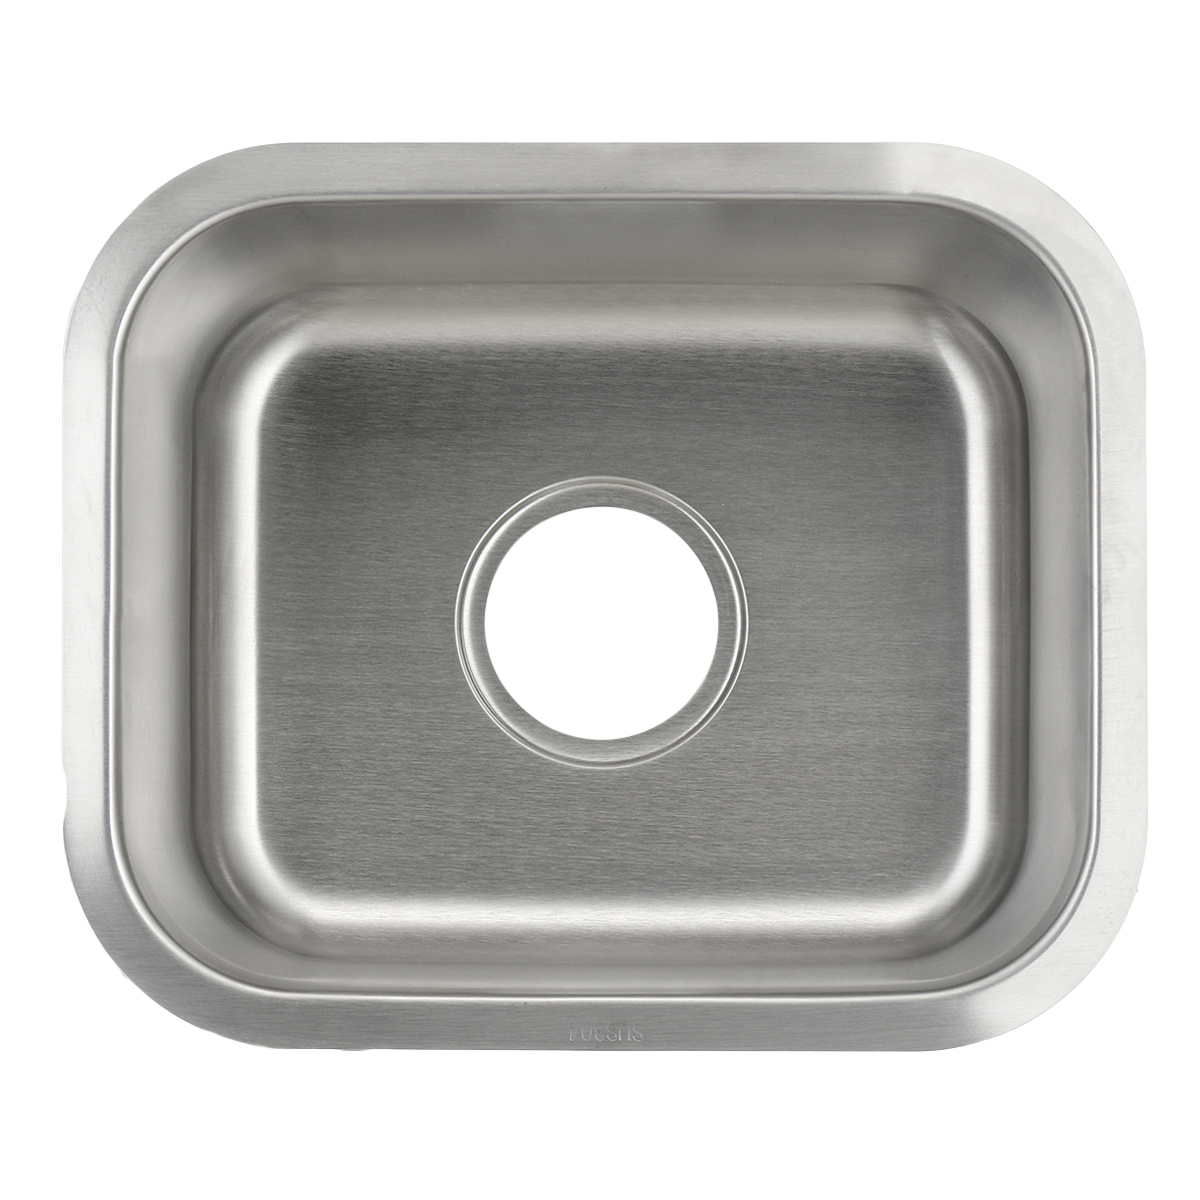 Nettoyer Evier Resine Tache tempsa evier de cuisine carré intérieur angle rond en 304